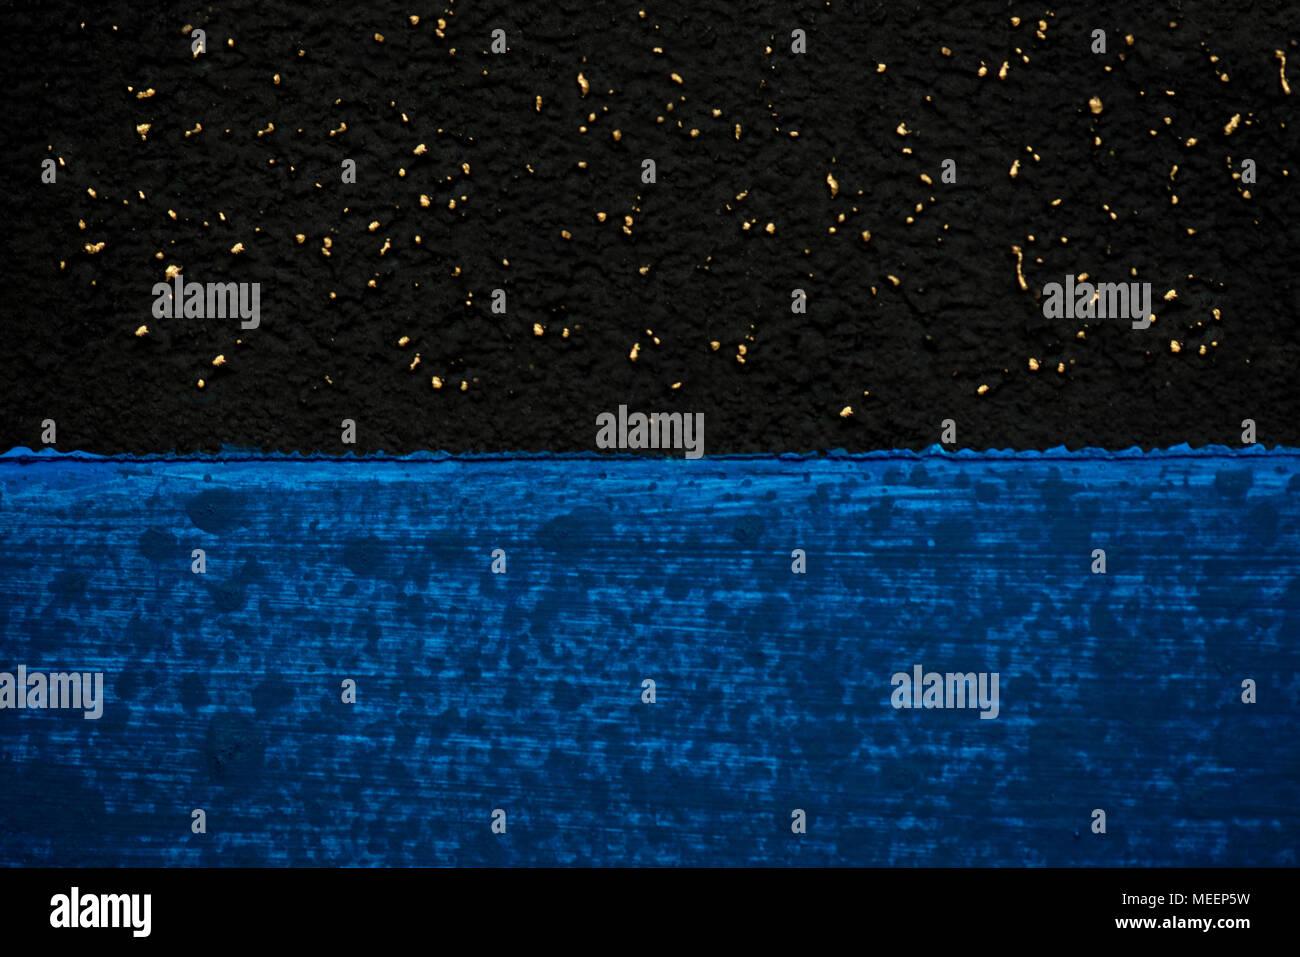 Blu Scuro E Sfondo Nero Cosparso Con Spazzole Cielo Stellato E Mare